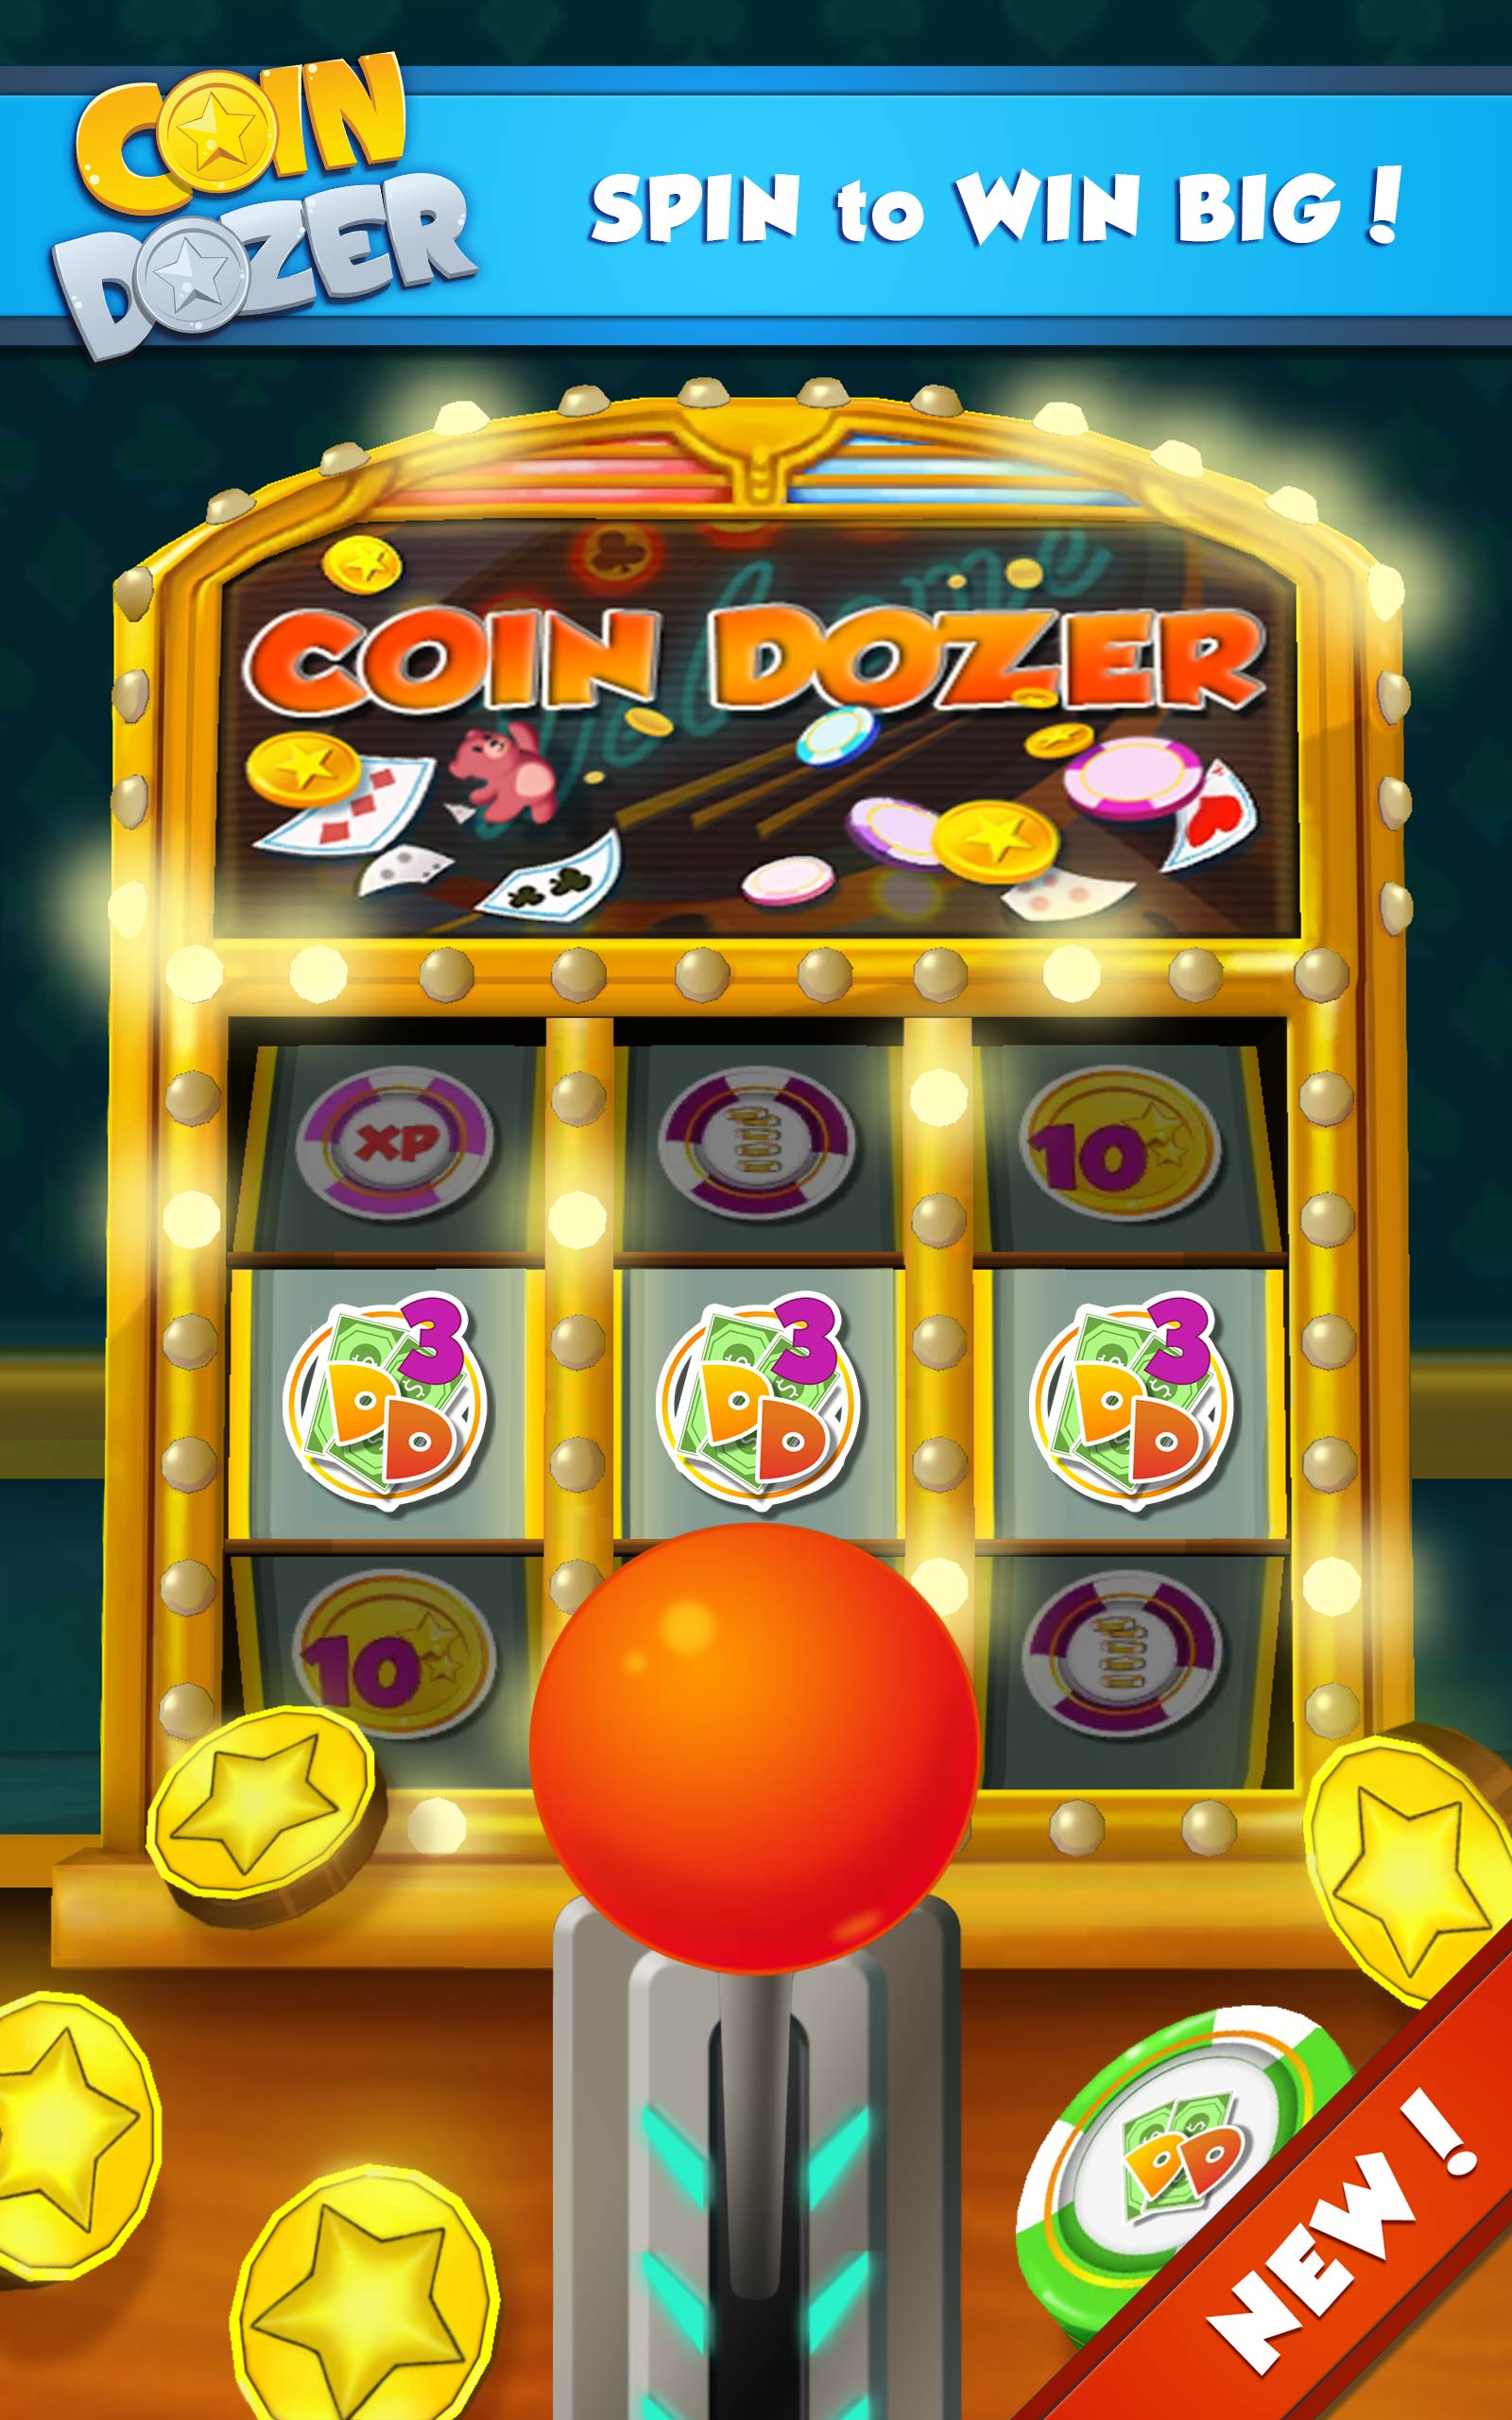 『Coin Dozer』の7枚目の画像